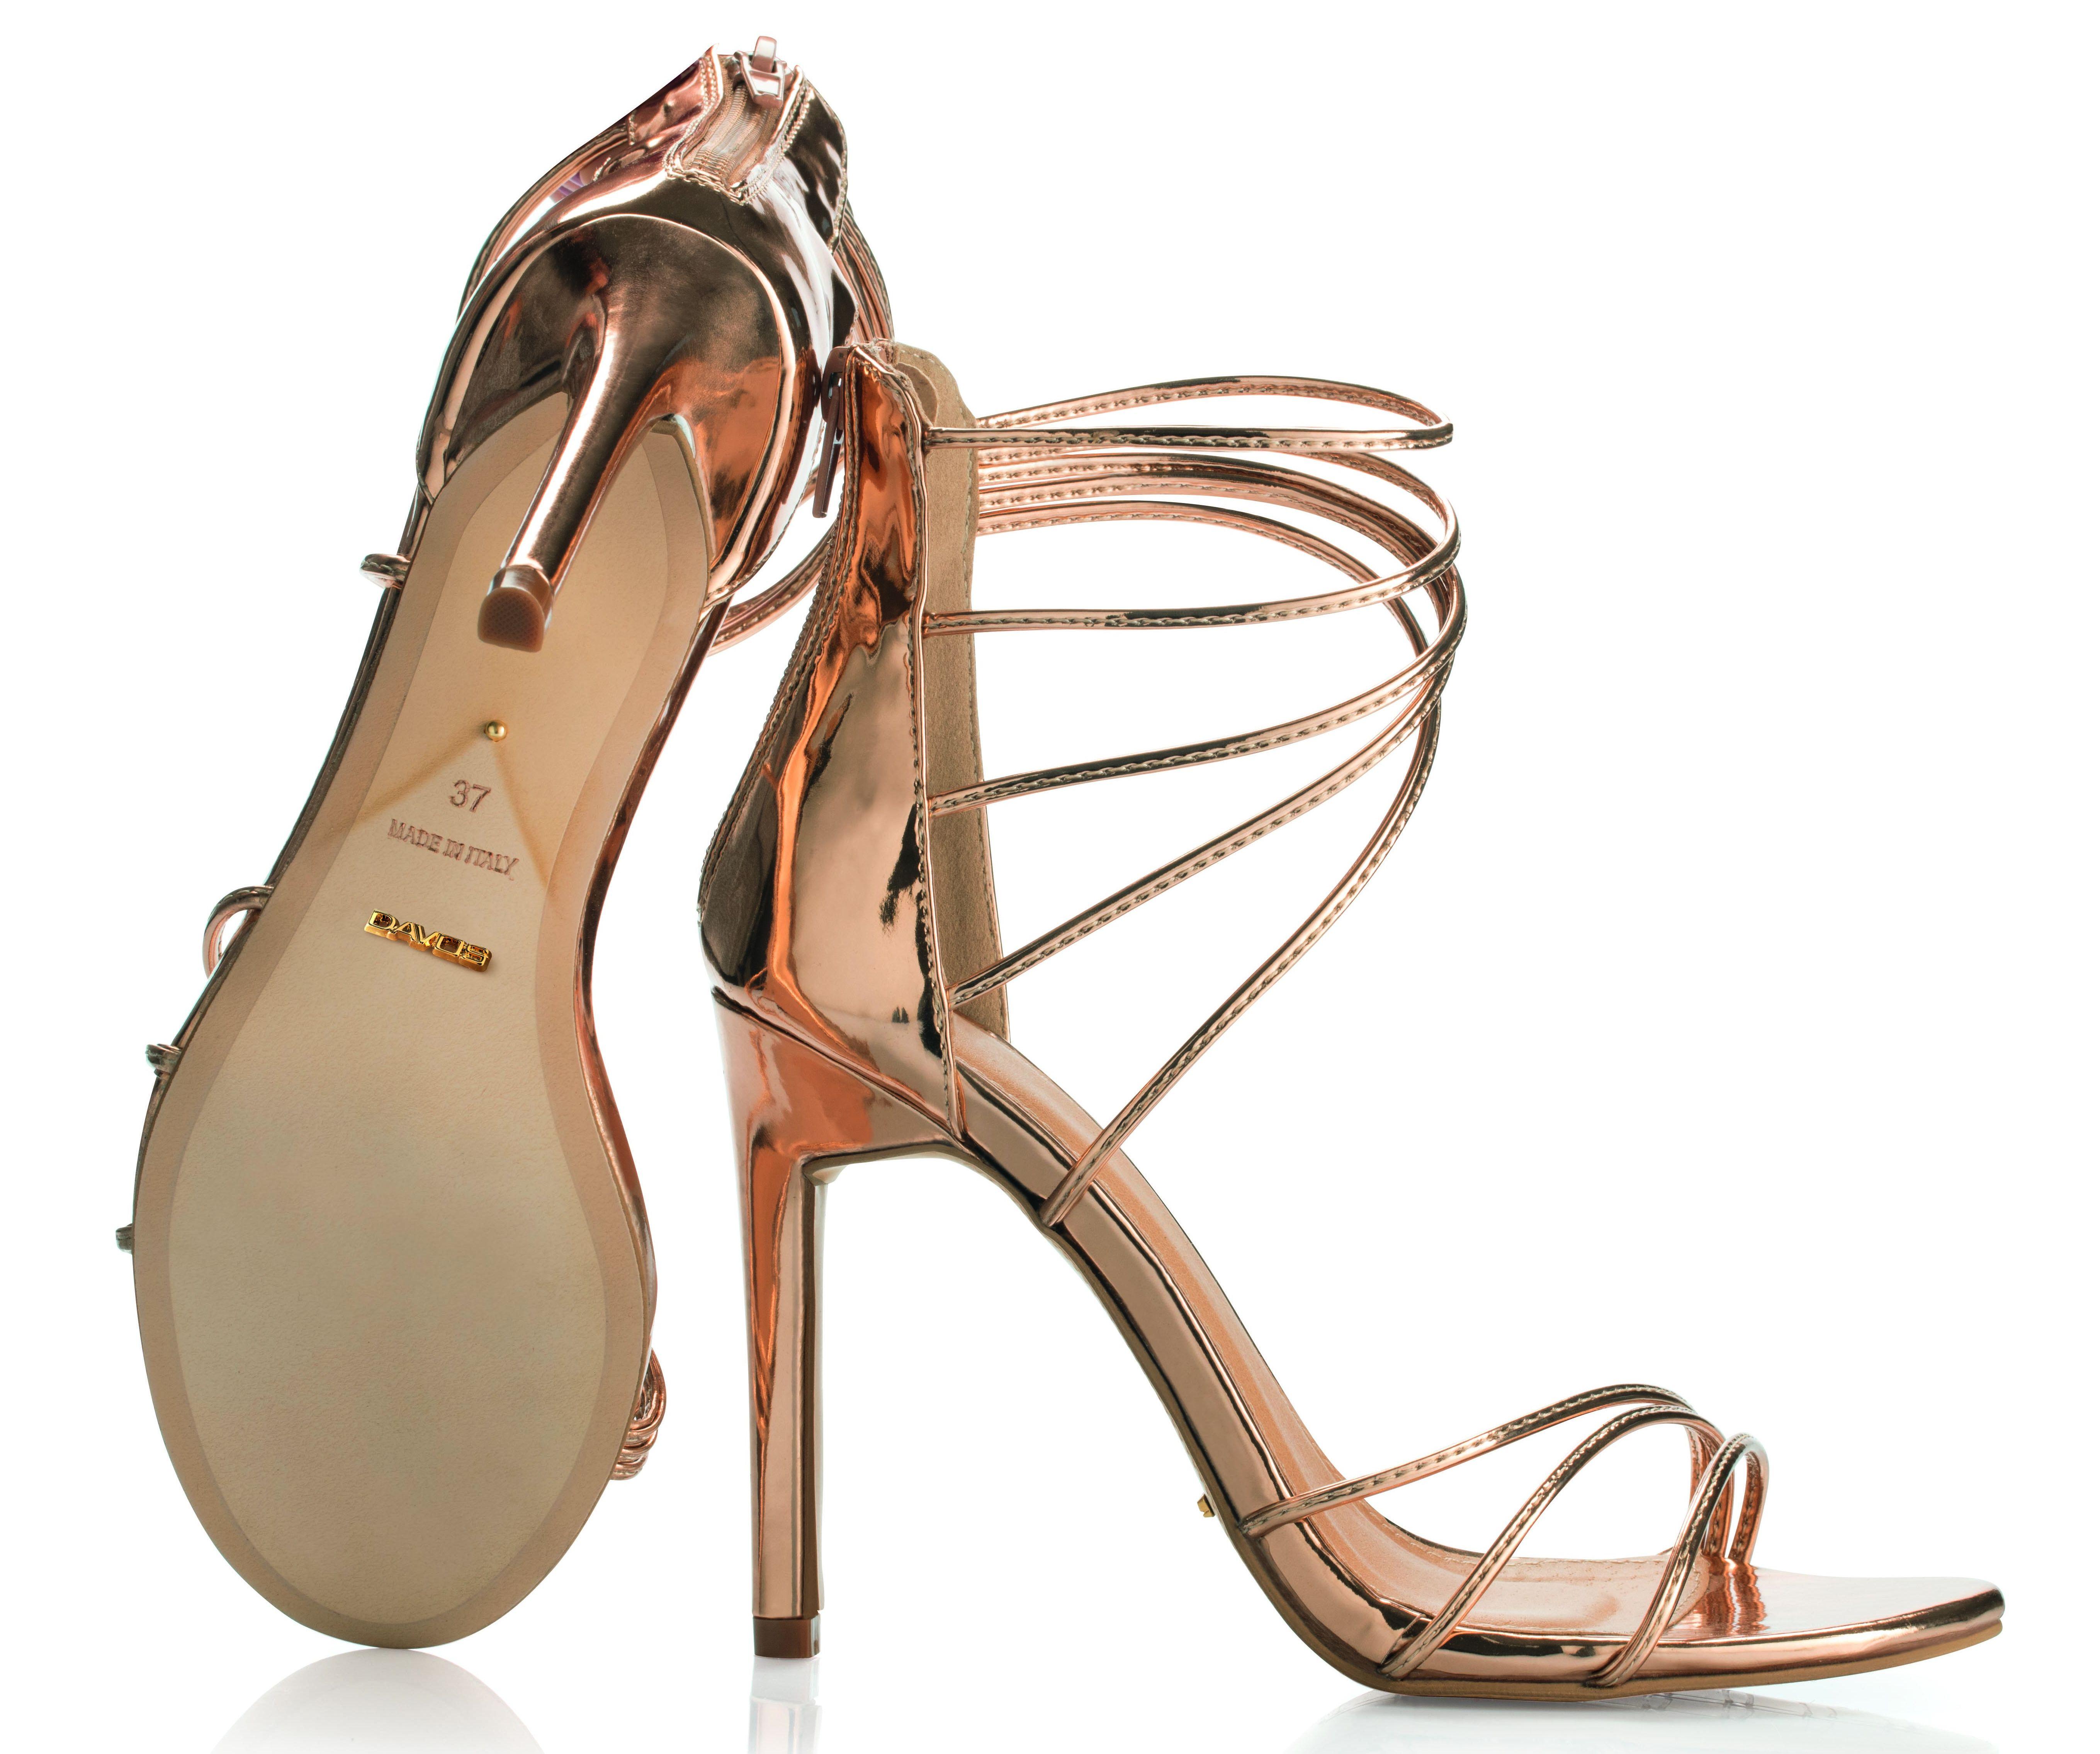 dc7a74c9dd92a6 ... Gomma si posiziona attualmente tra i maggiori protagonisti del mercato  internazionale nella produzione di lastre e suole in gomma per calzature.